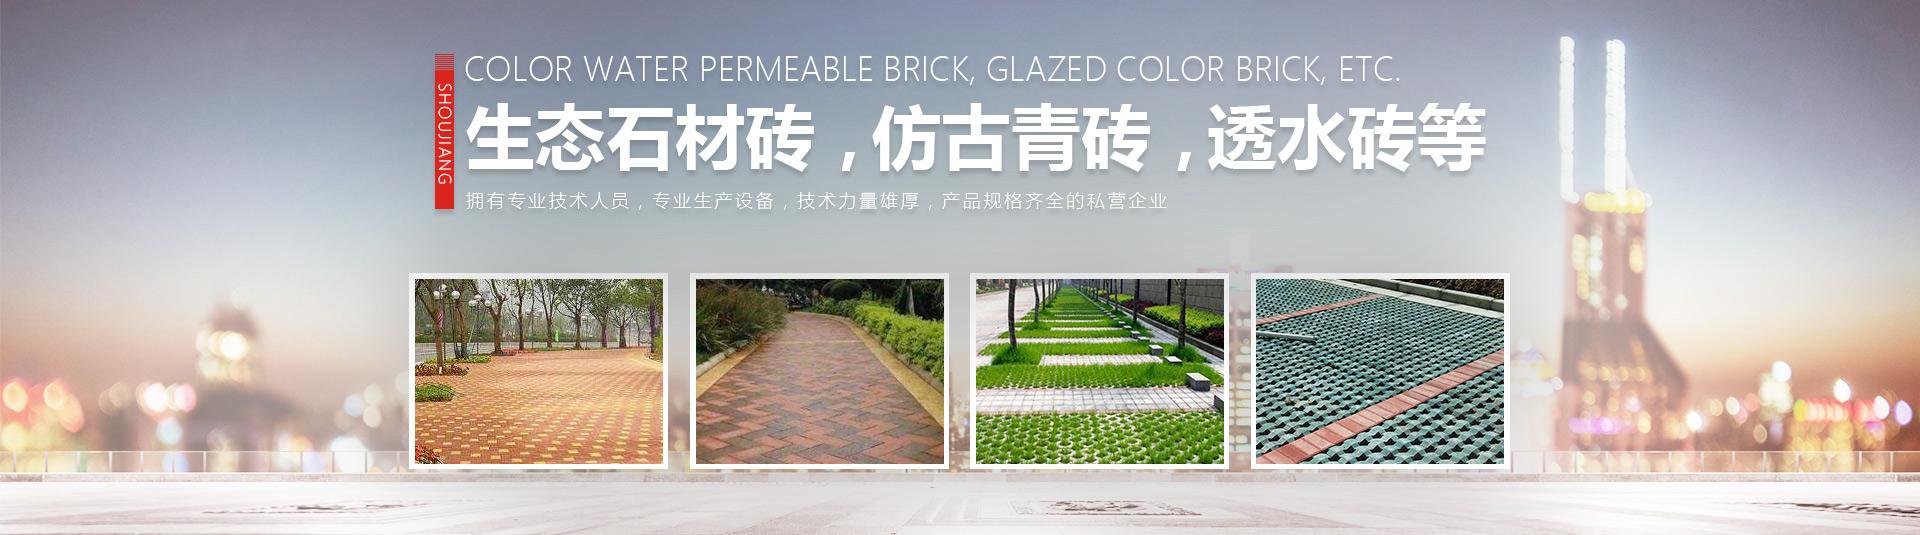 重庆草坪砖